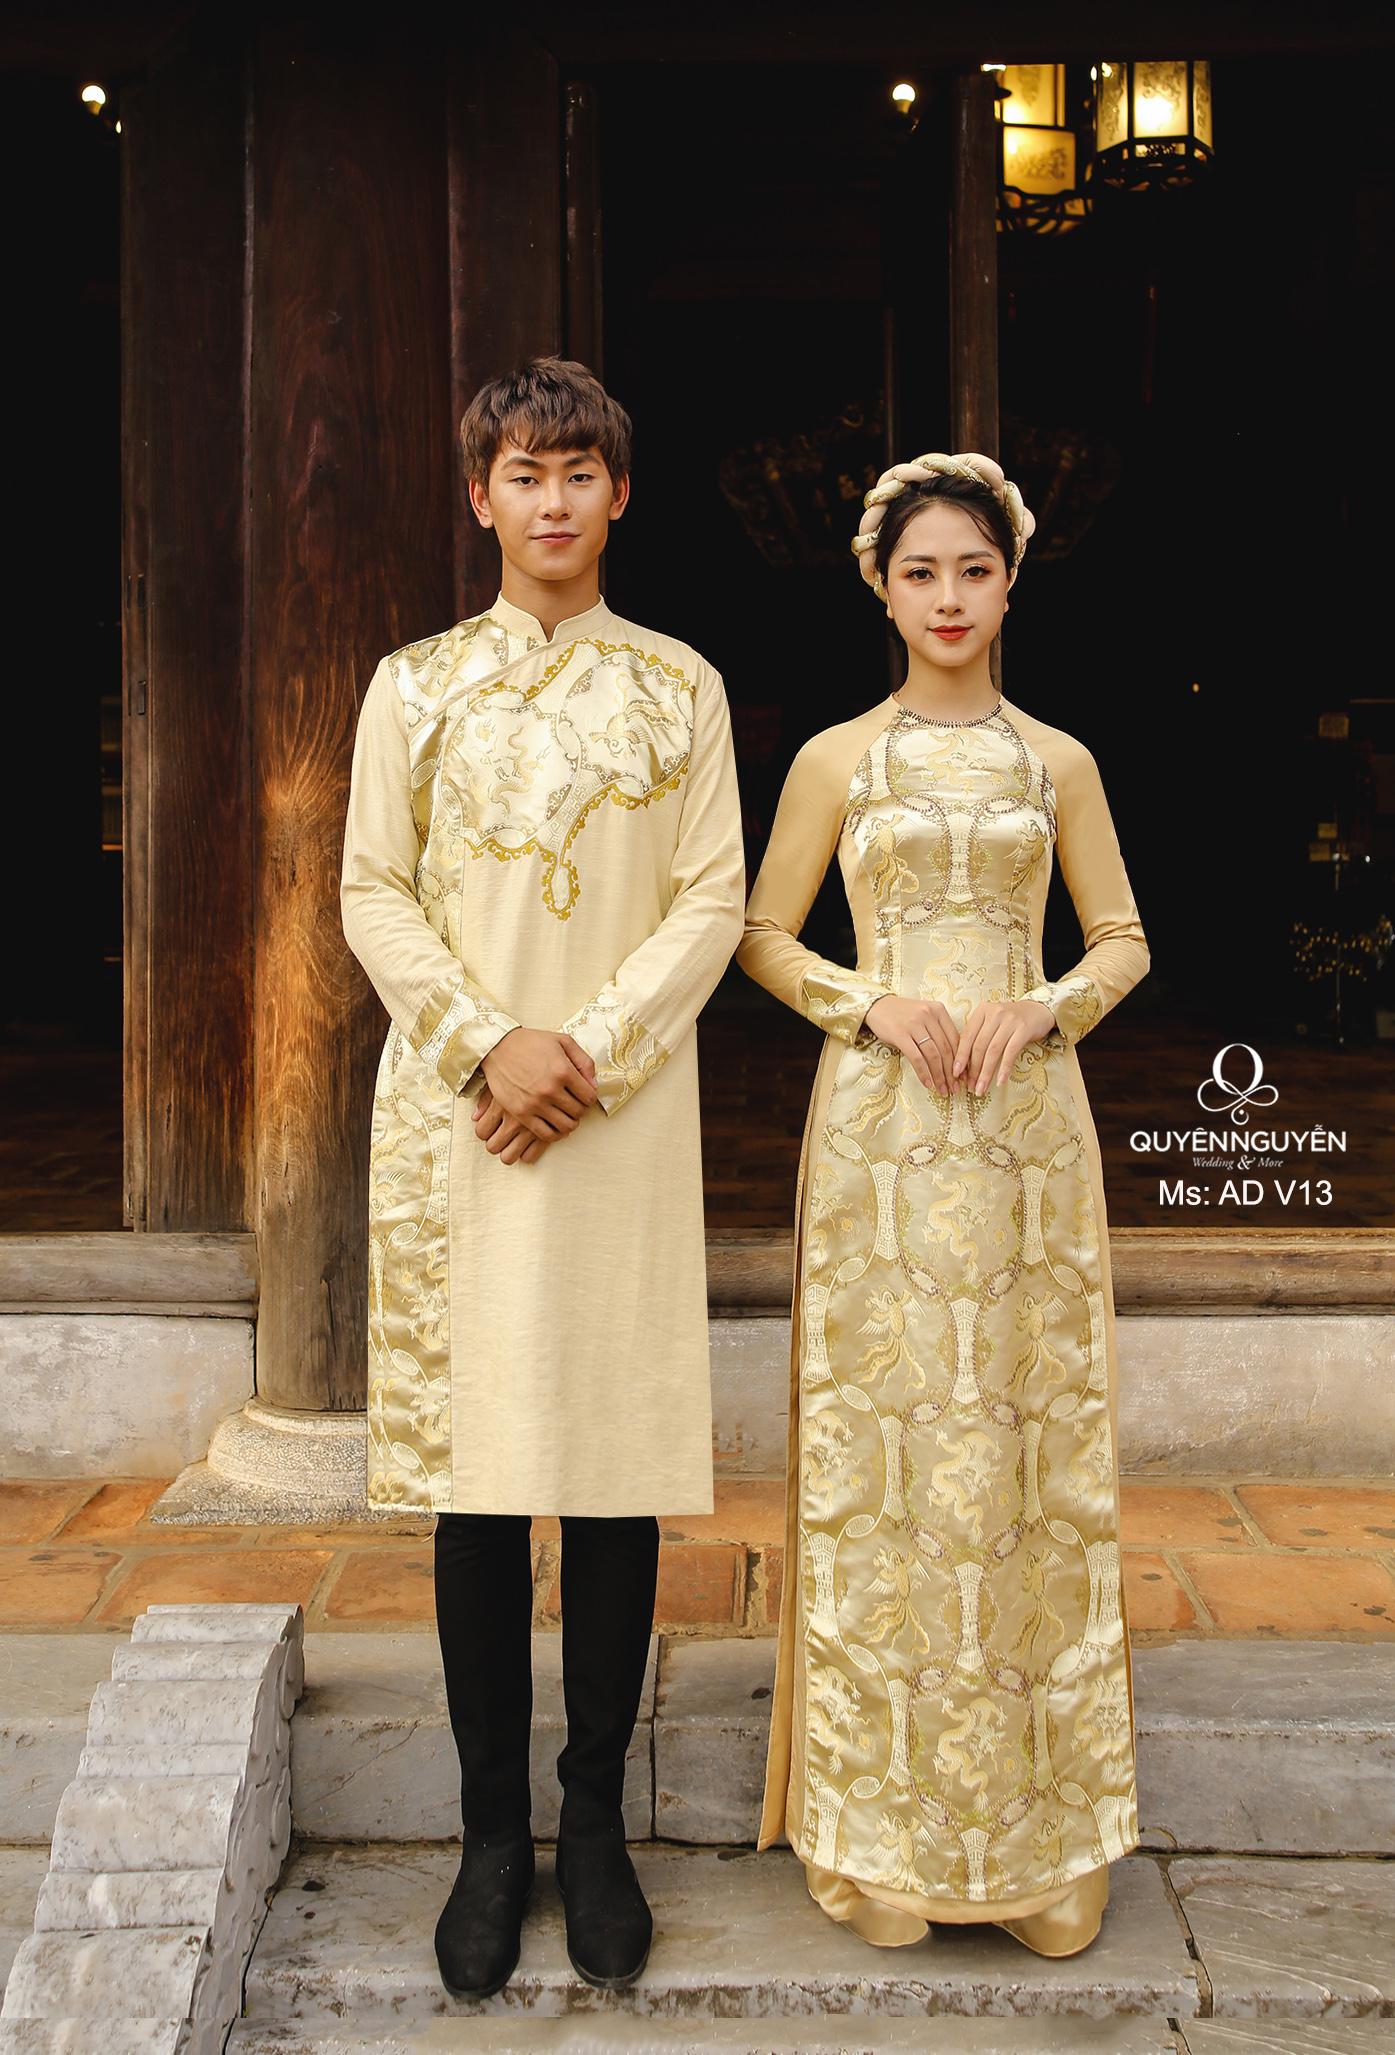 Áo dài cưới vàng đồng họa tiết đối xứng